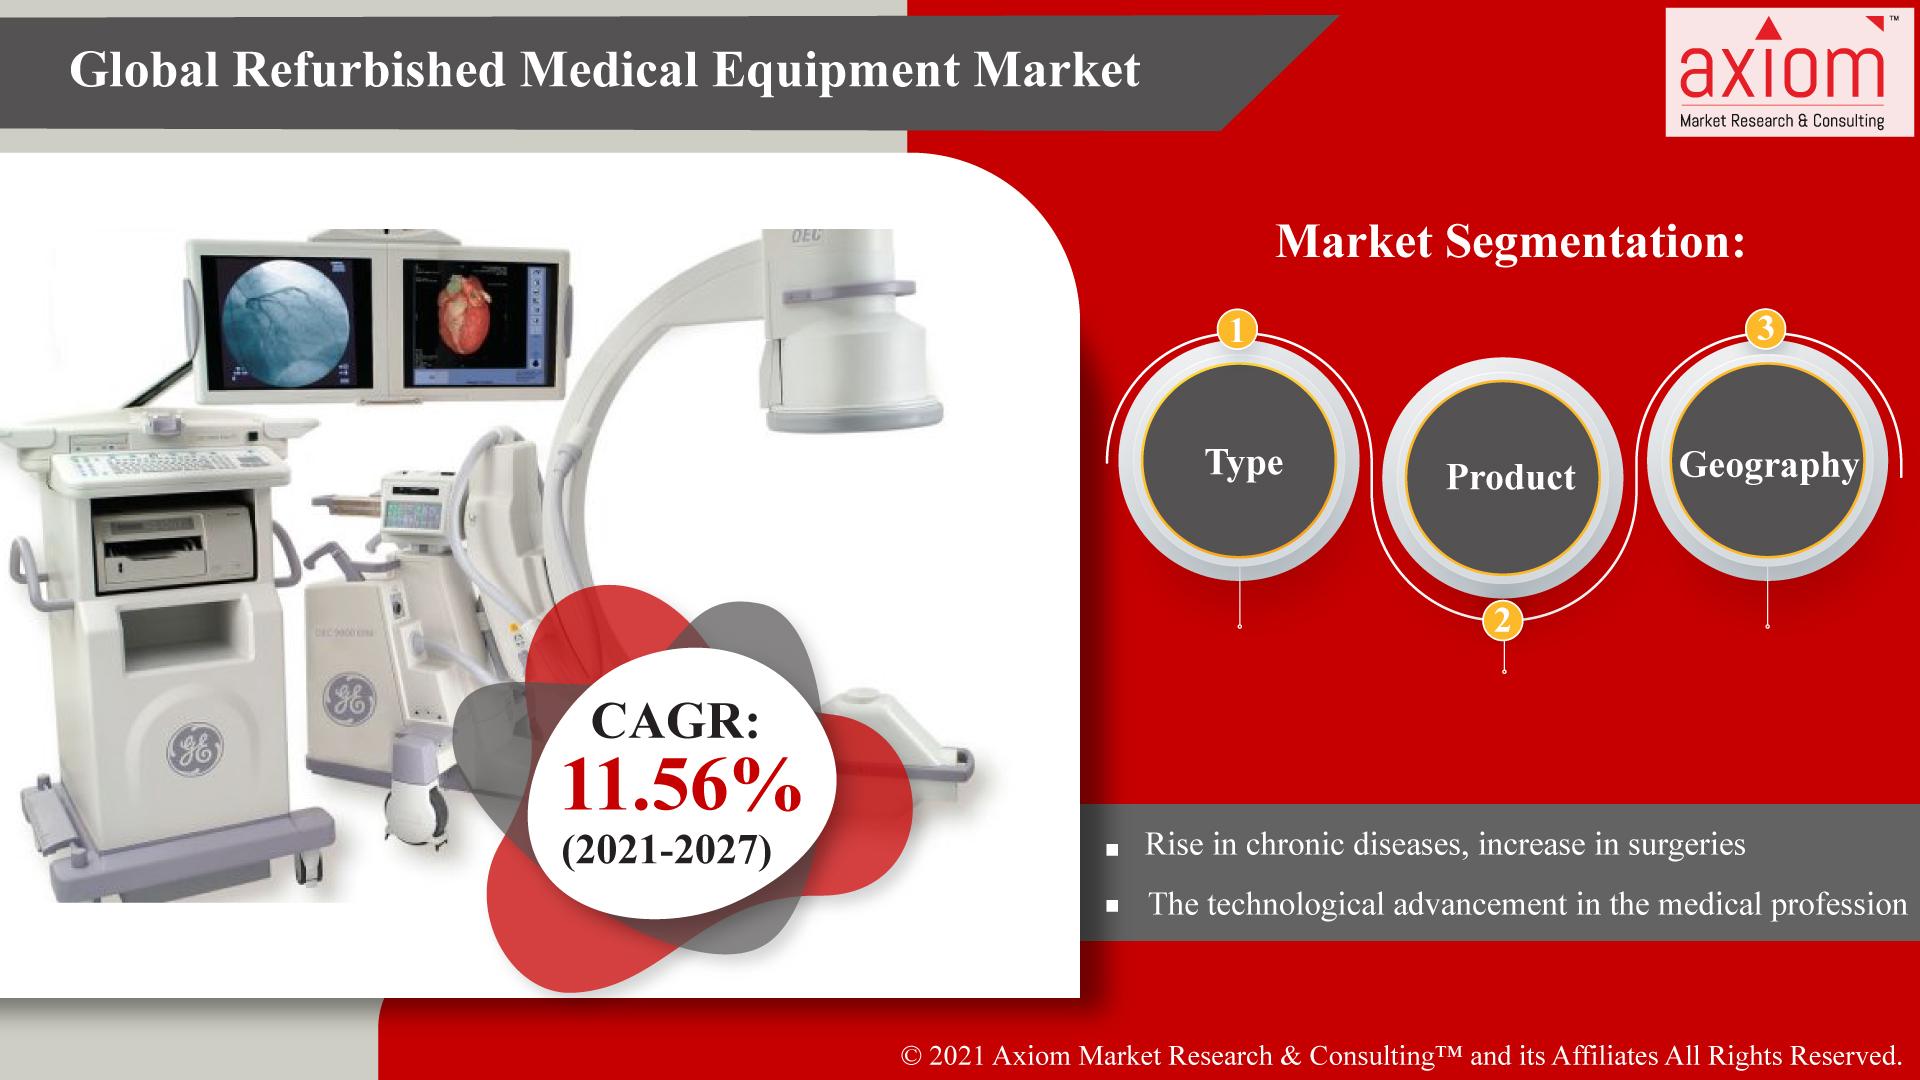 Global-Refurbished-Medical-Equipment-Market